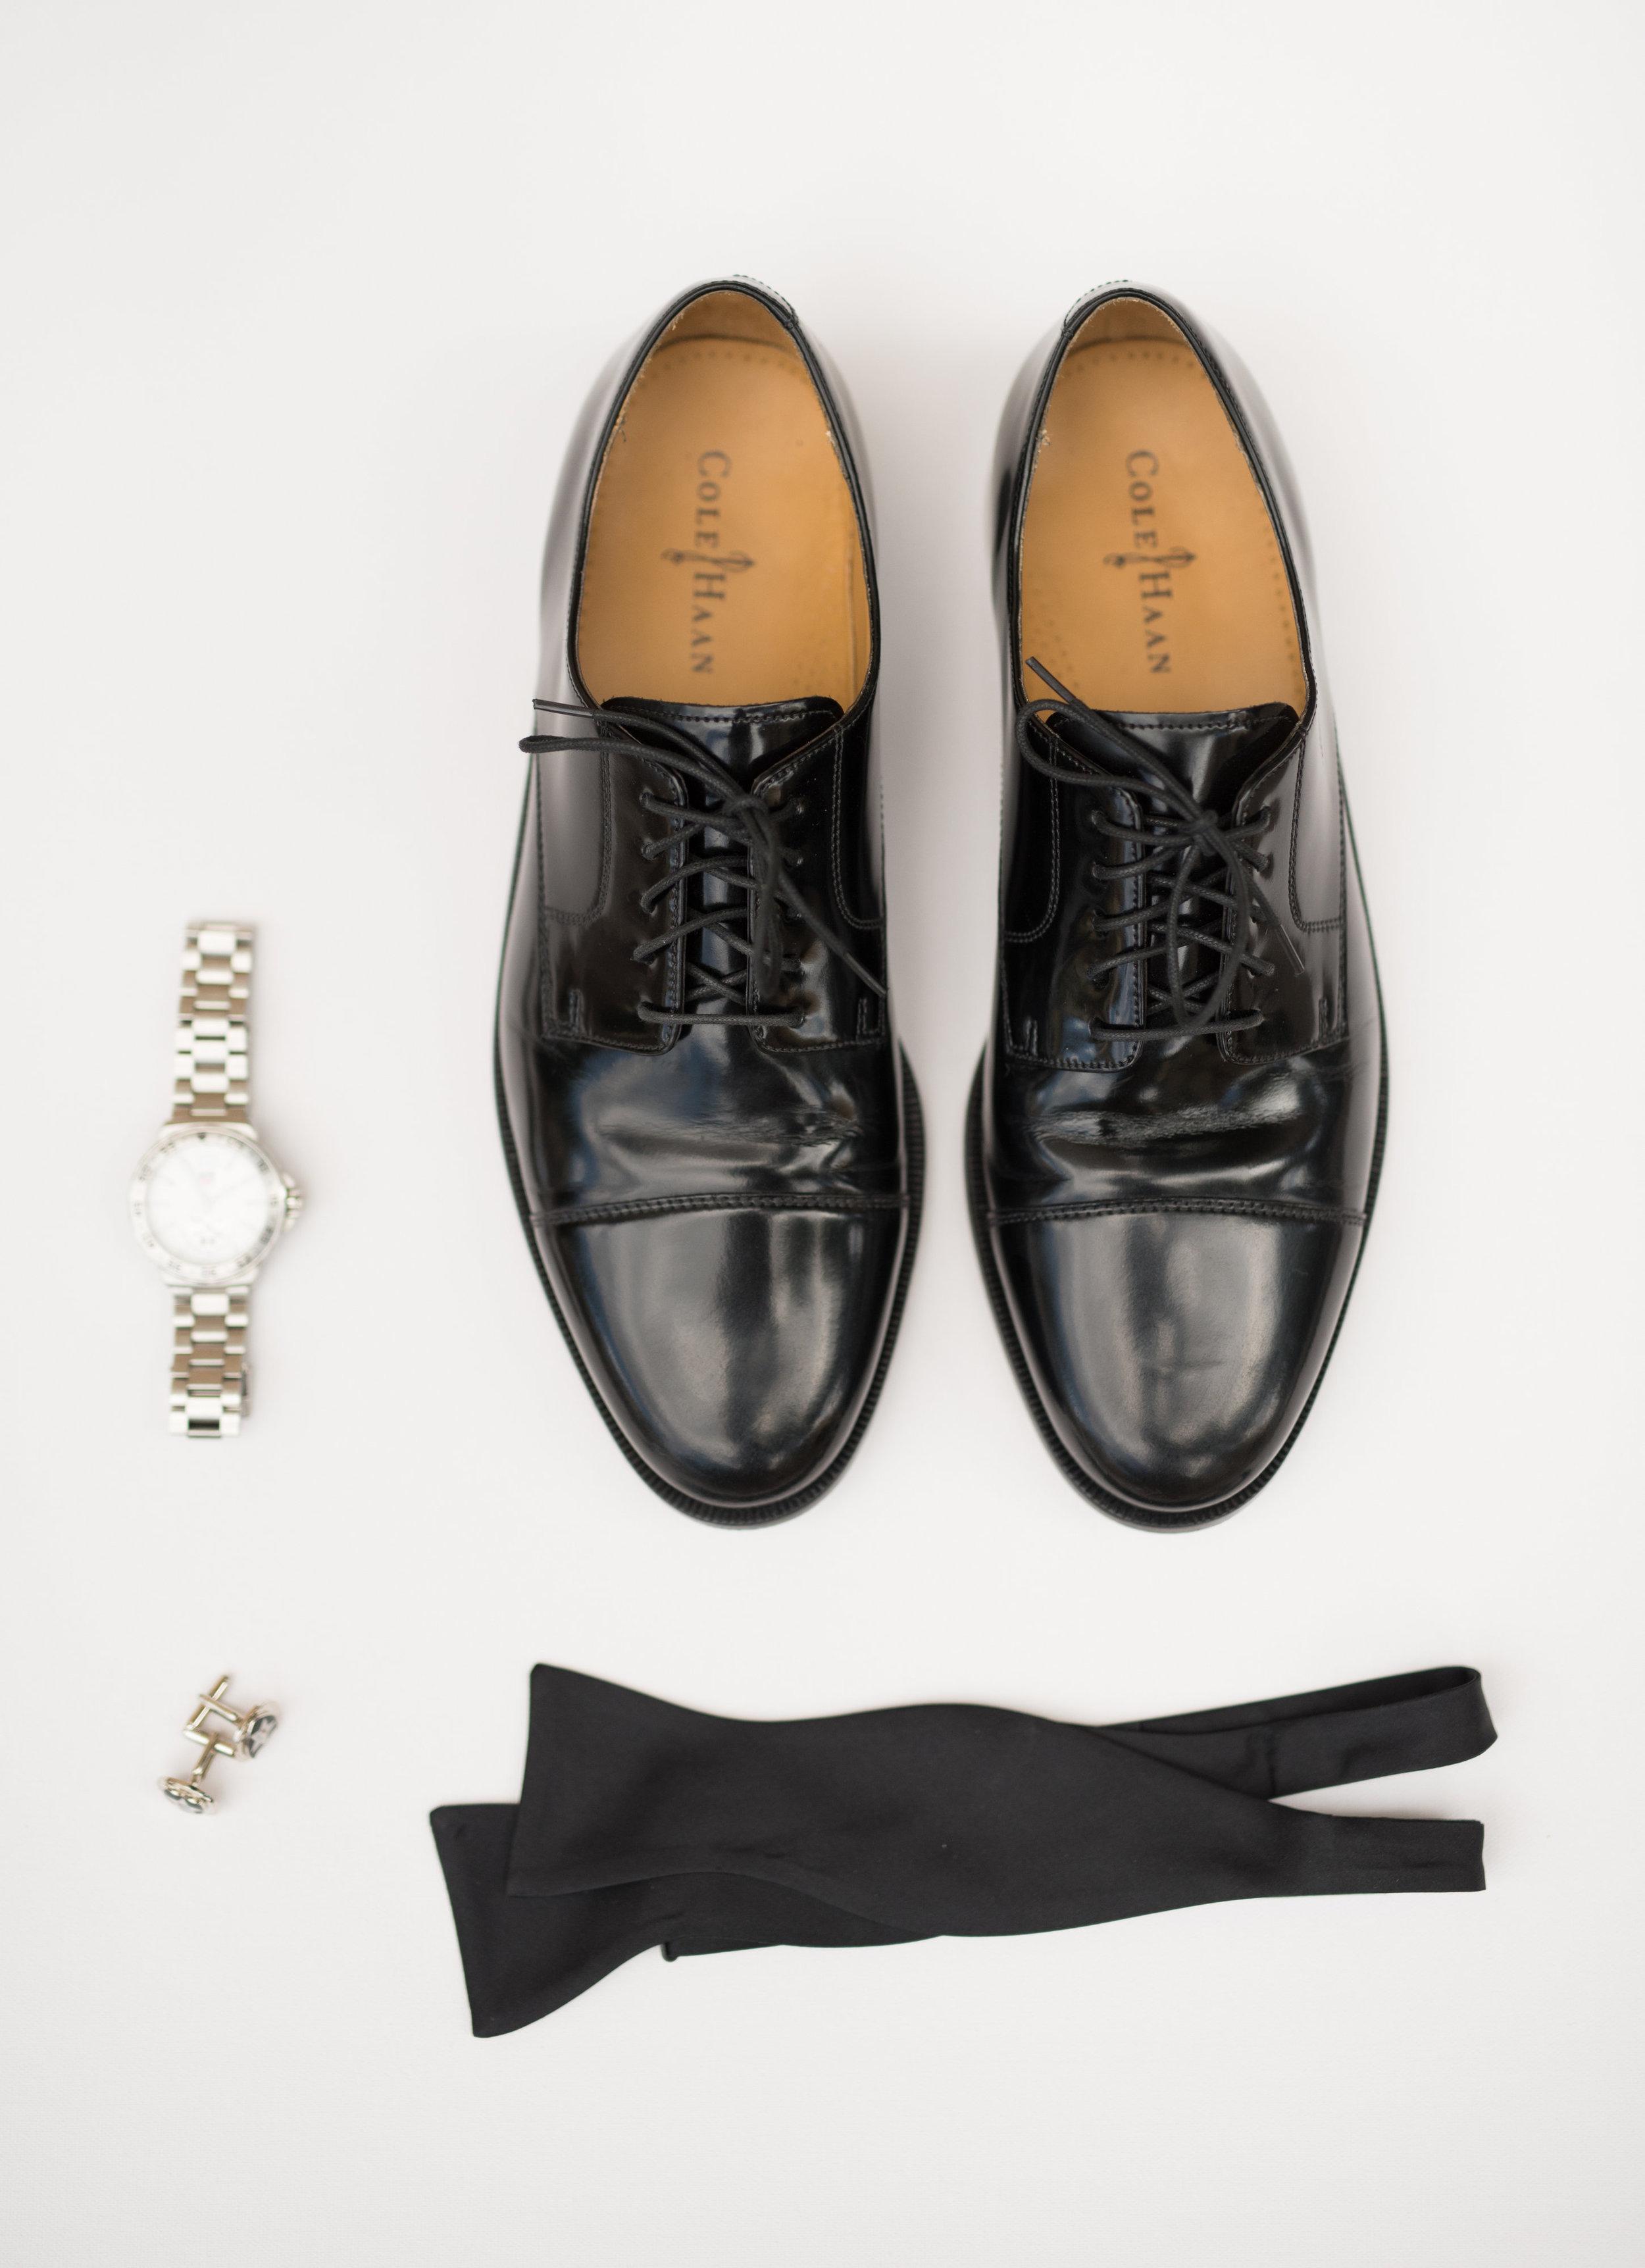 Groom details, groom shoes, groom watch